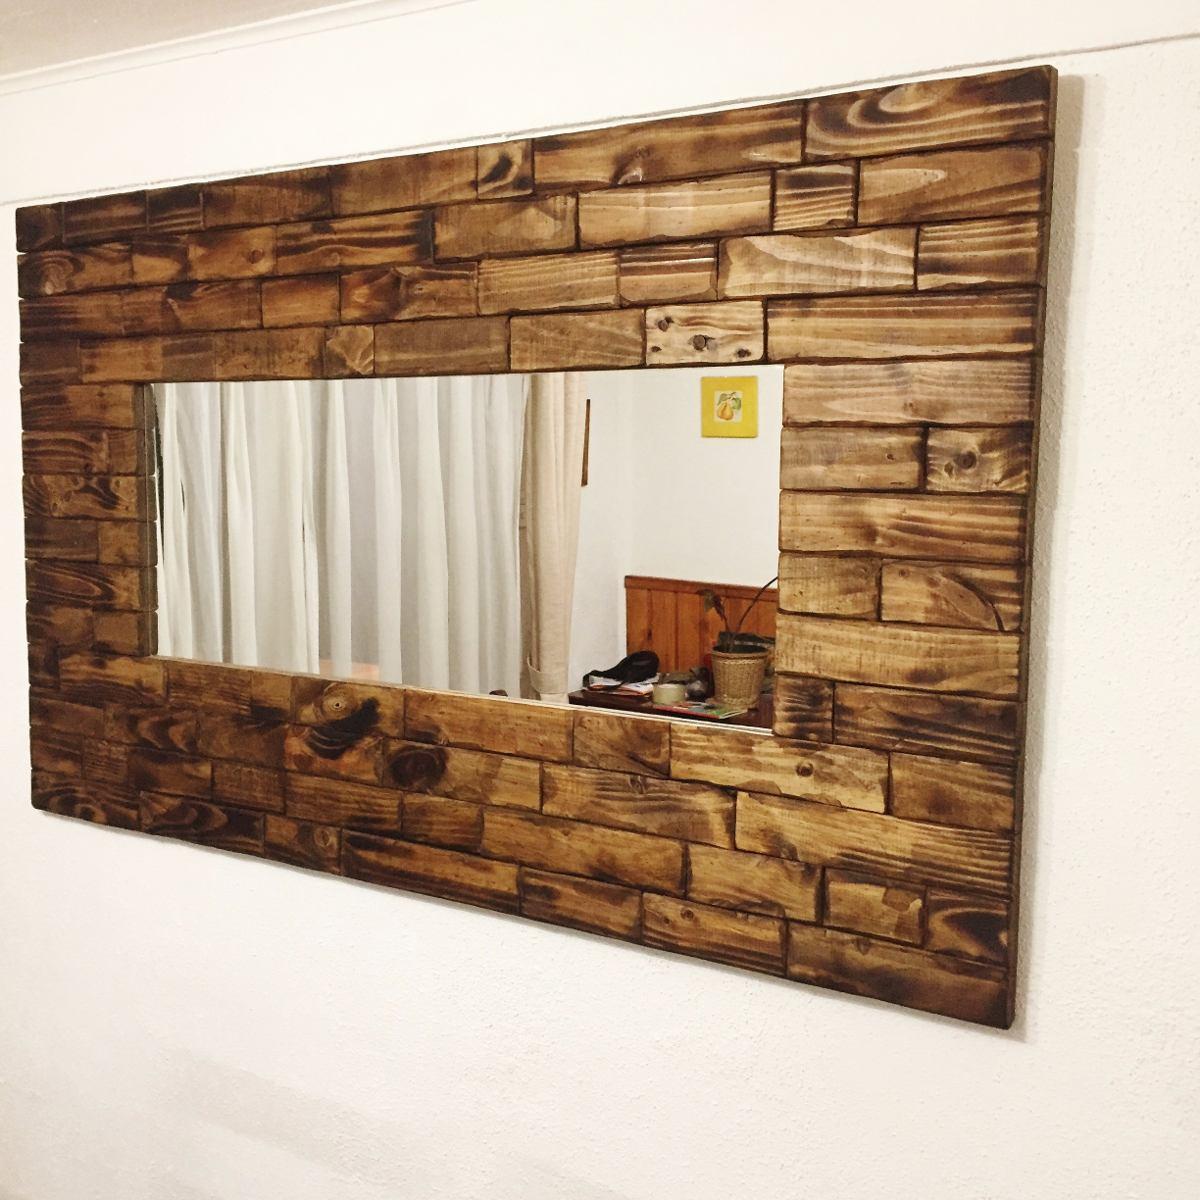 Espejo de madera rustico 140x80 aprox en - Espejos marco madera ...